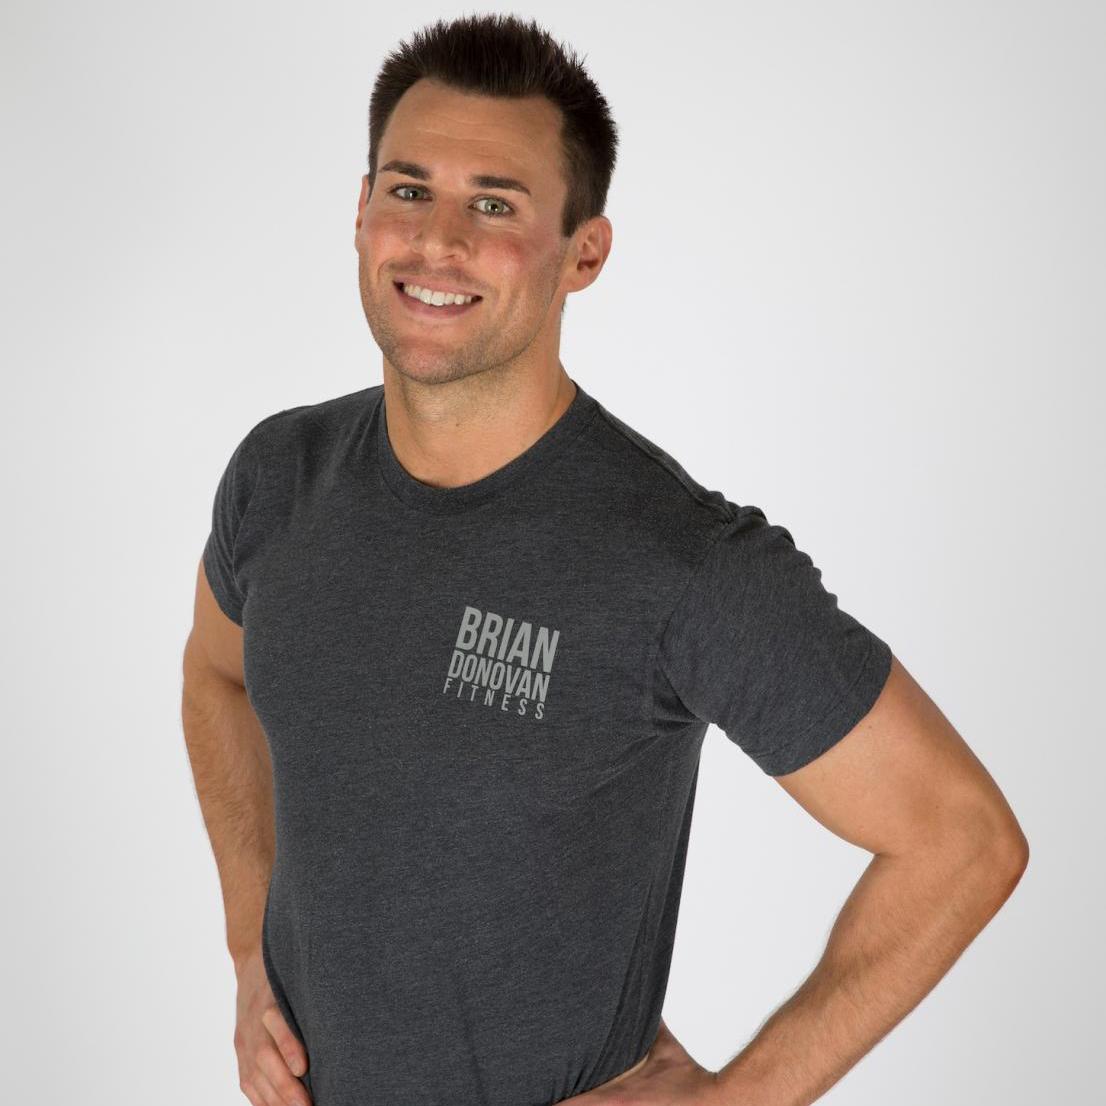 Brian Donovan - Philadelphia Personal Training